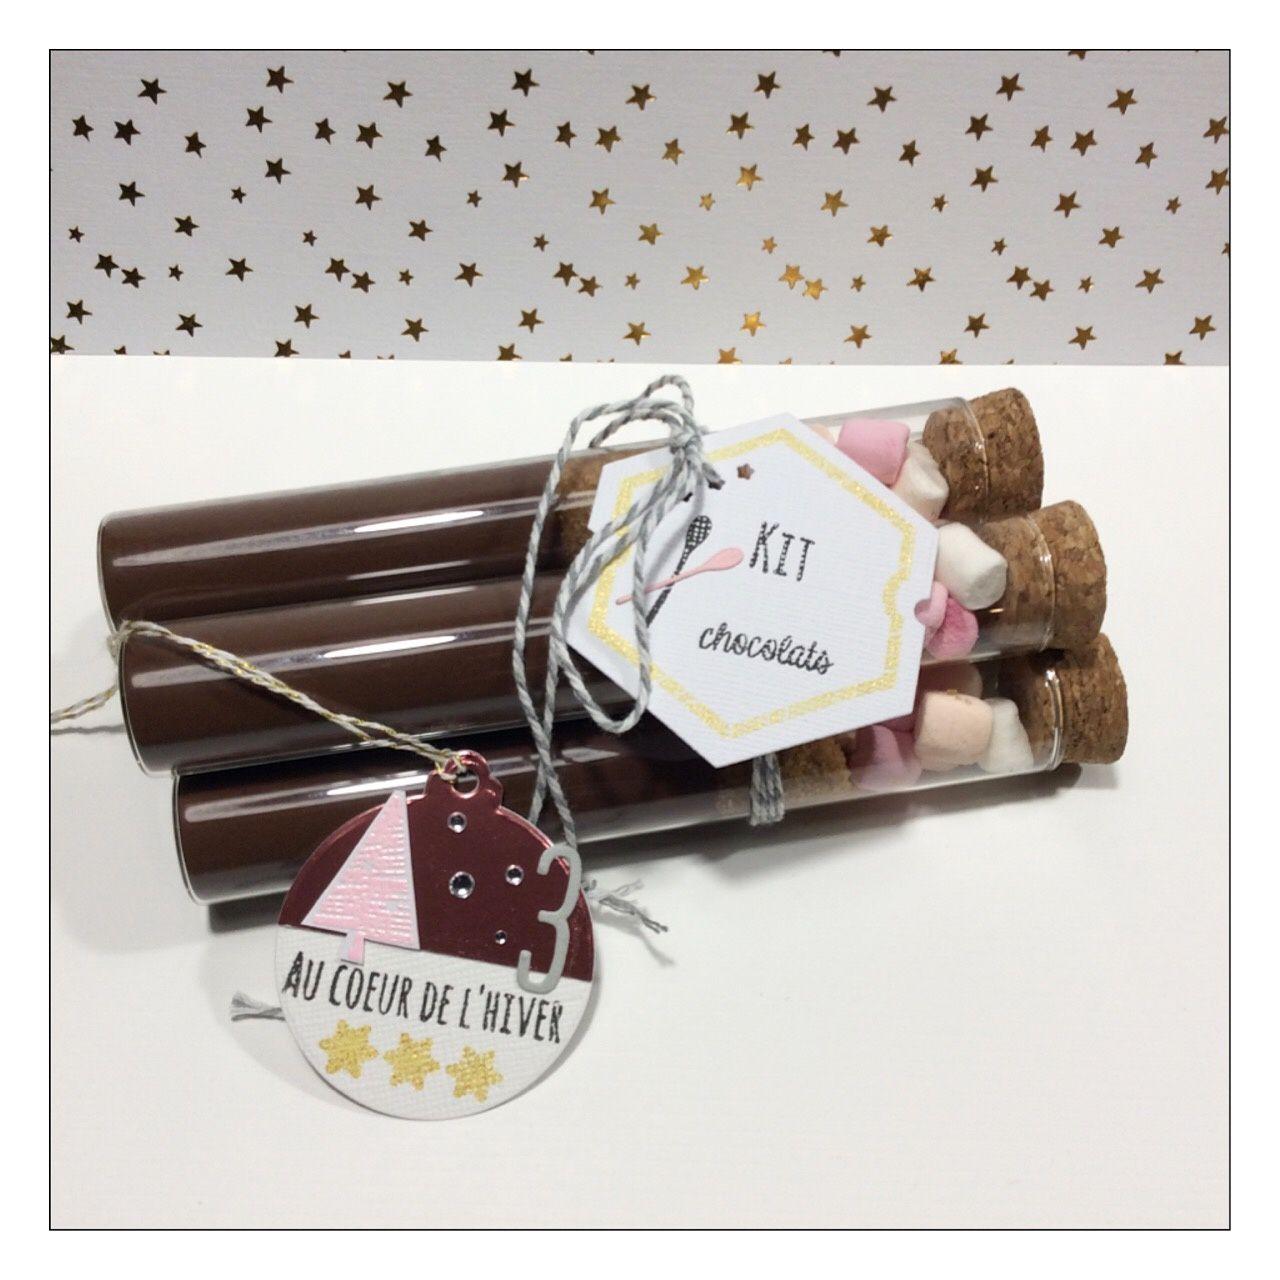 Un kit chocolat,des débarbouillettes hihi et des decoupes bois.